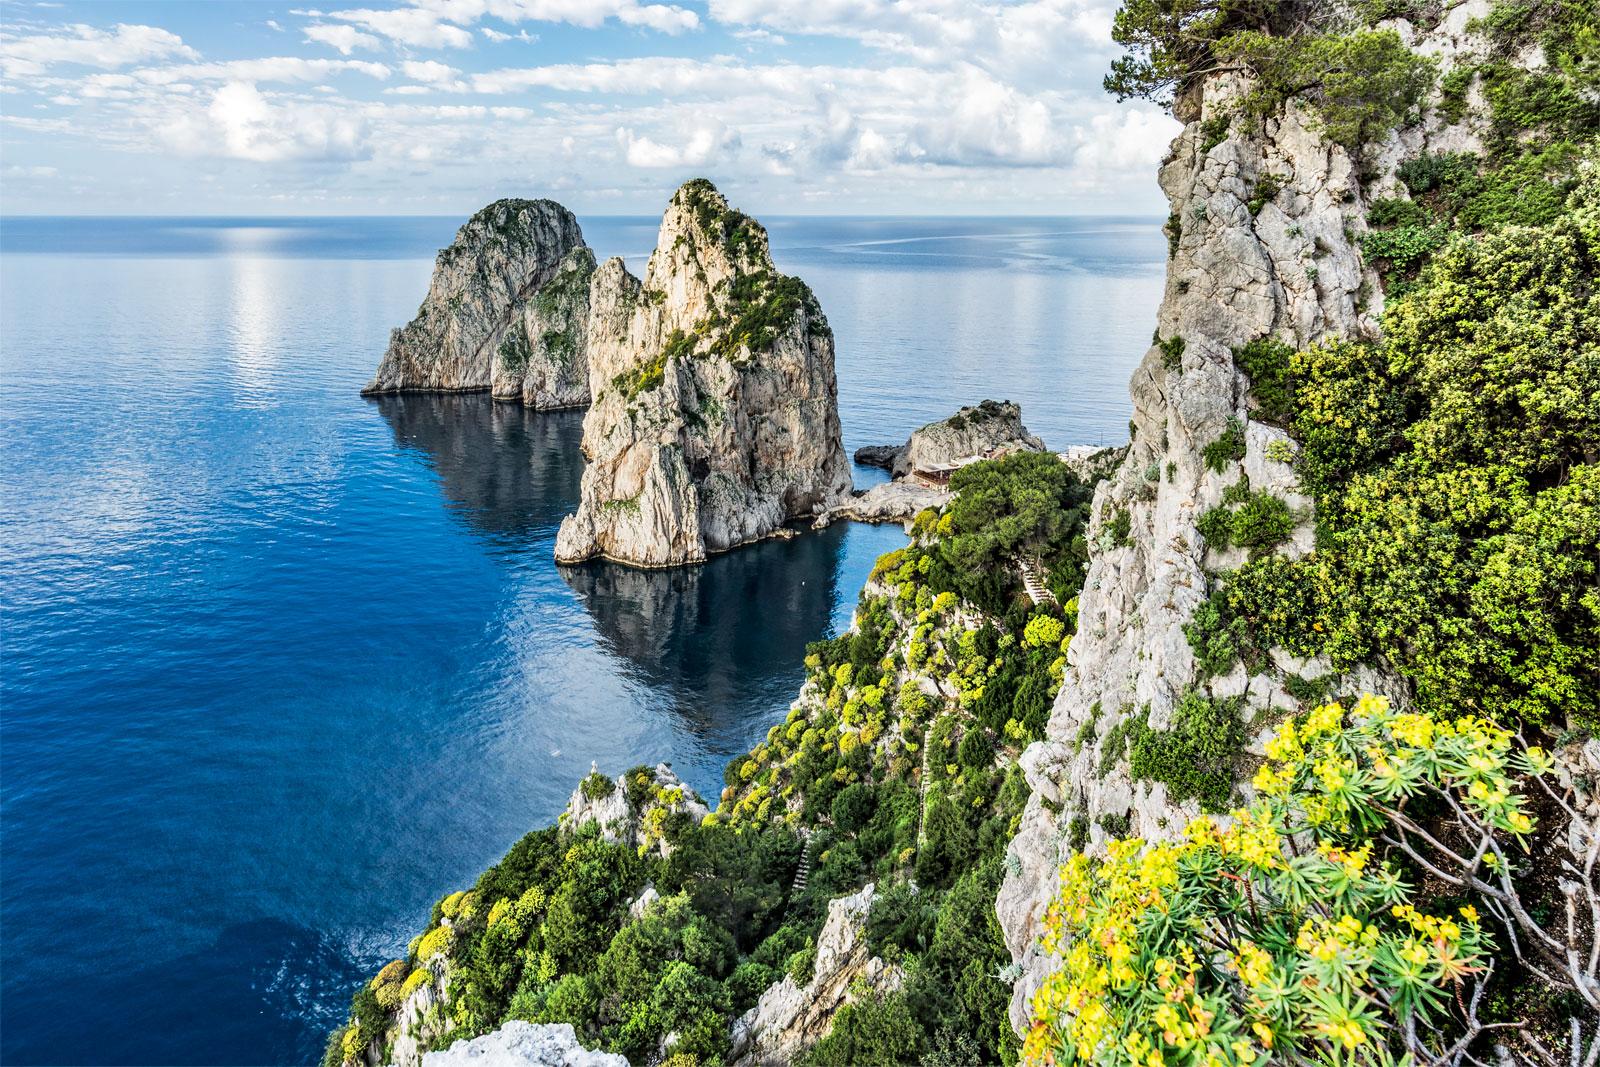 Capri's Faraglioni